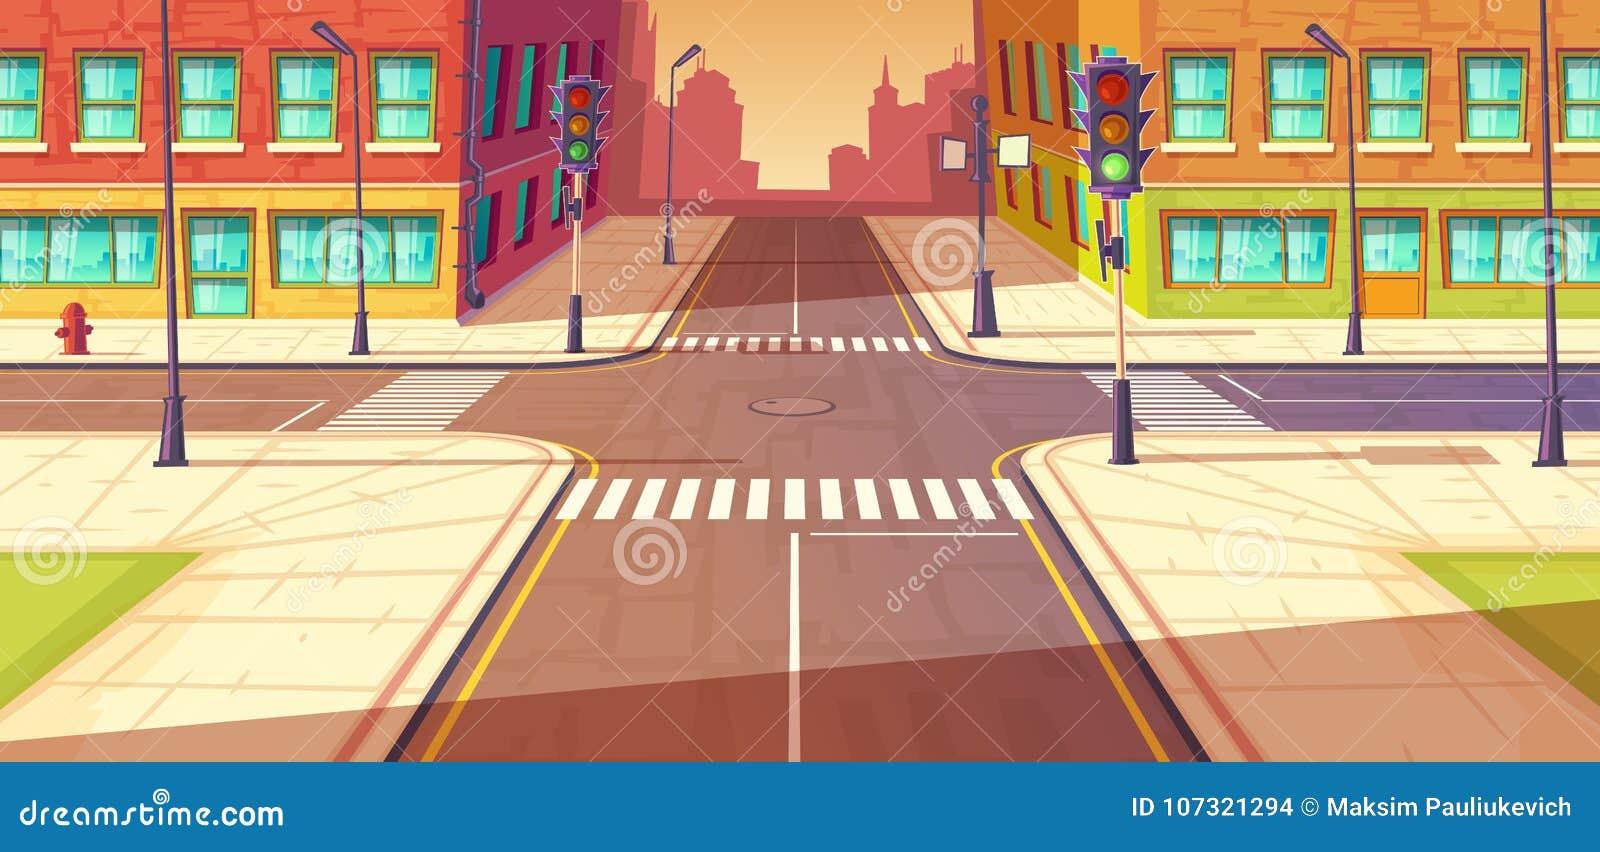 Estradas transversaas da cidade, ilustração do vetor da interseção Estrada urbana, faixa de travessia com sinais